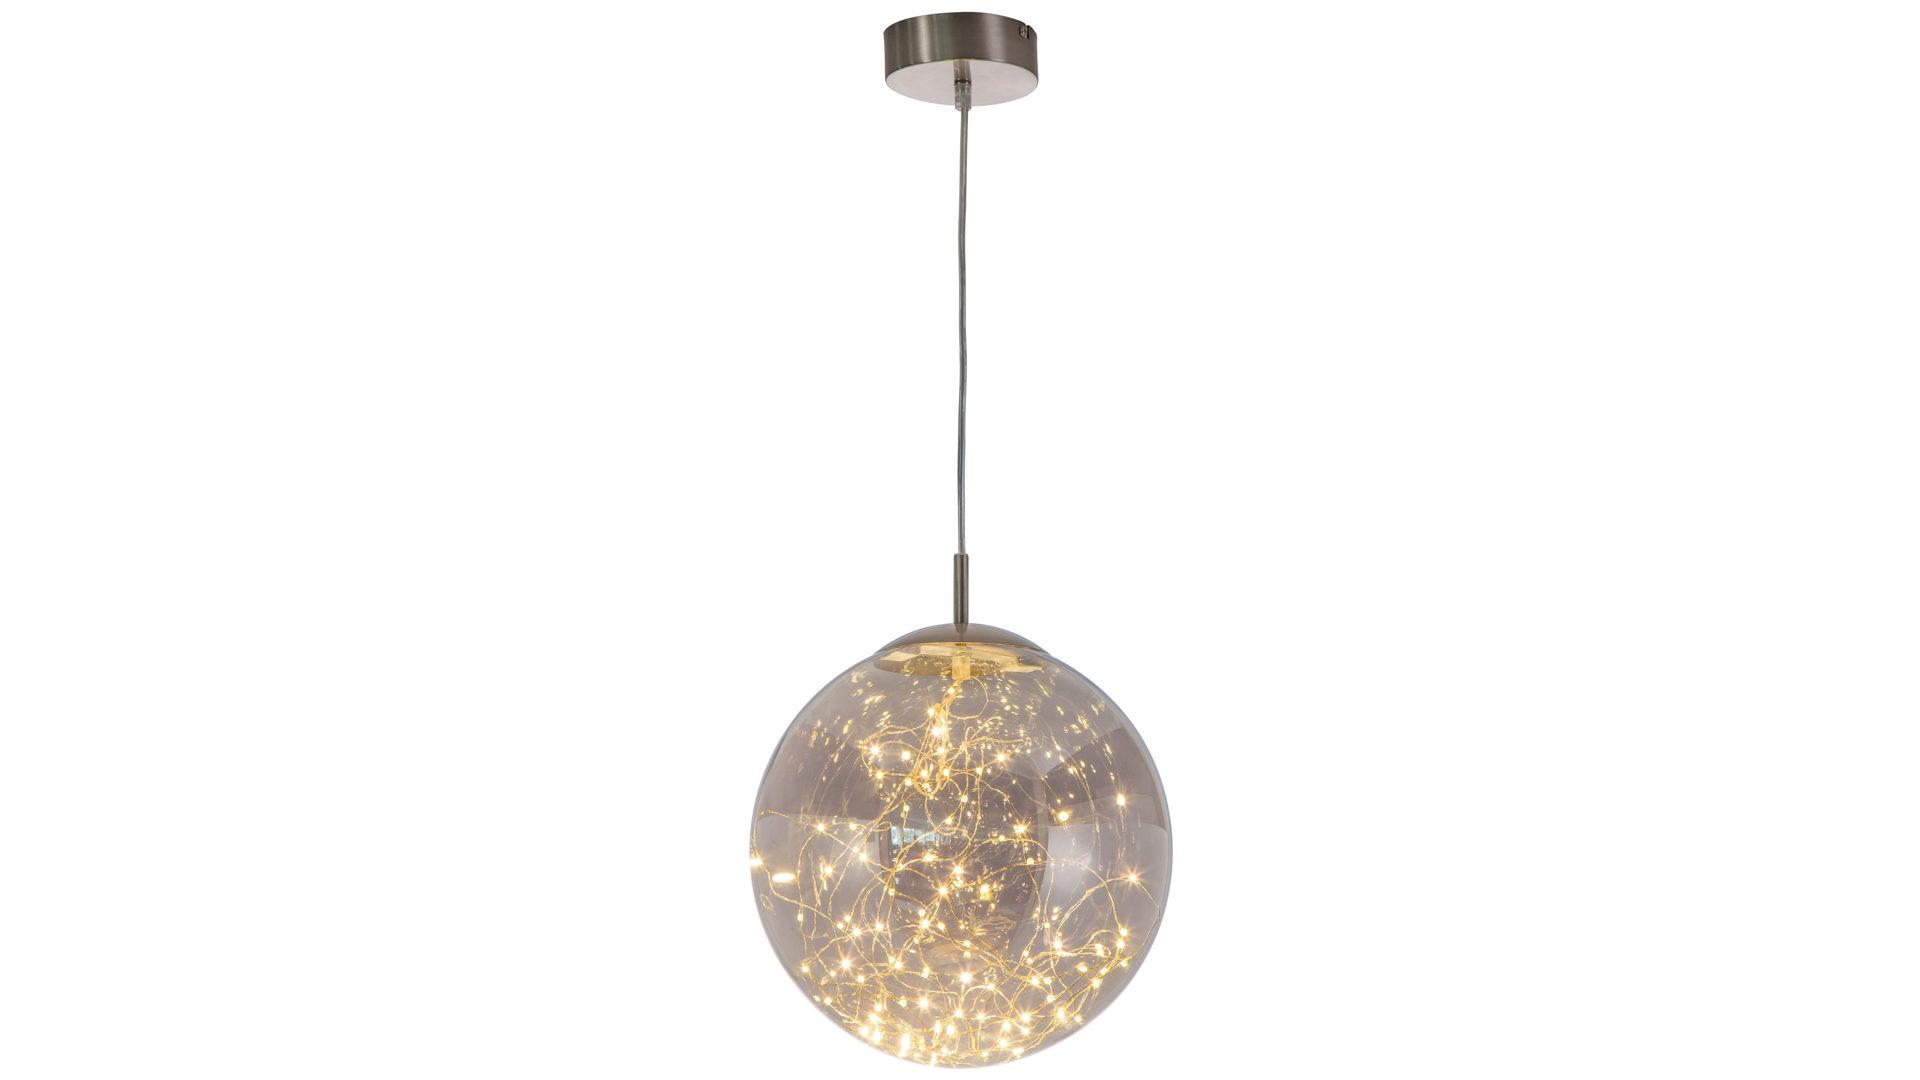 ... Möbel A Z, Lampen + Leuchten, Pendelleuchten + Kronleuchter,  LED Pendelleuchte, LED Pendelleuchte Lights, Nickel U0026 Smokeyfarben U2013  Durchmesser Ca. 30 Cm